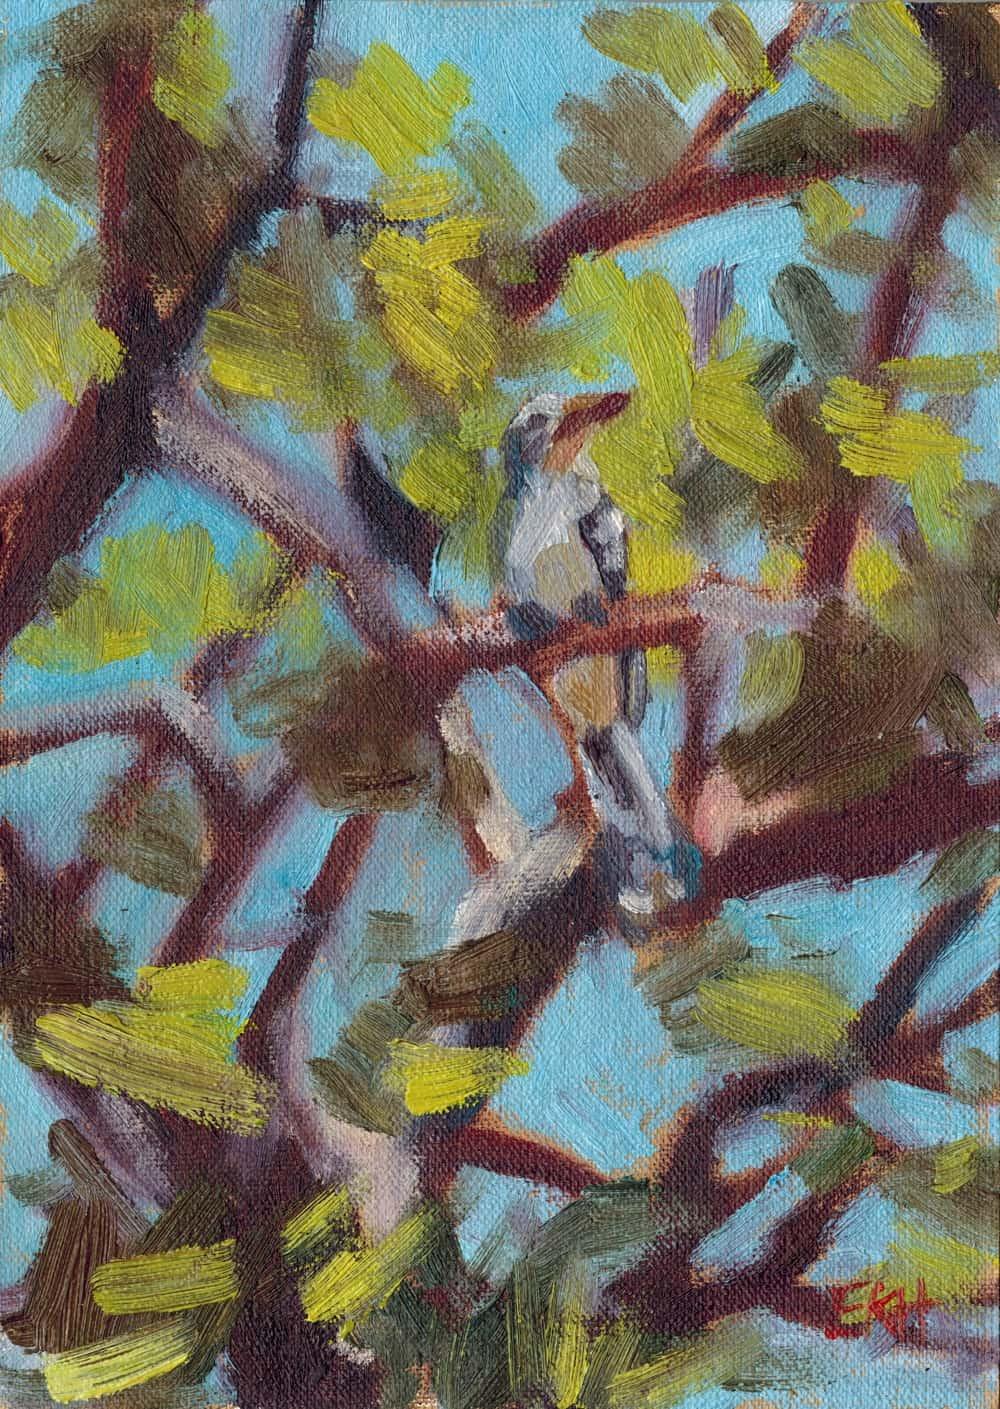 Red Billed Hornbill - Giclee Print - Emma Kate Hulett